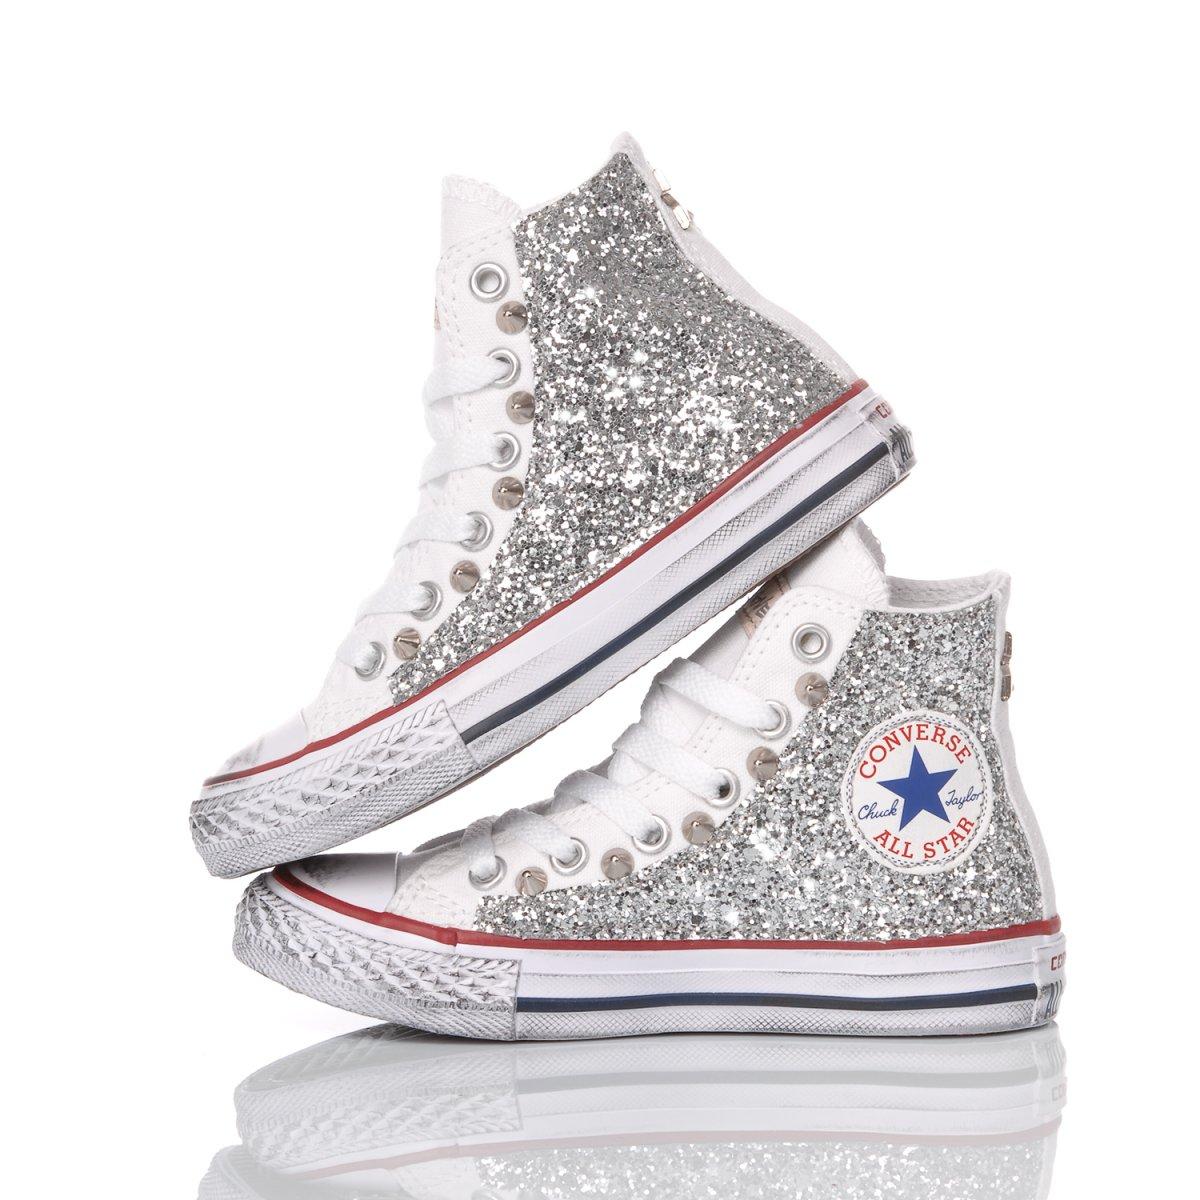 Converse Junior Glitter Silver